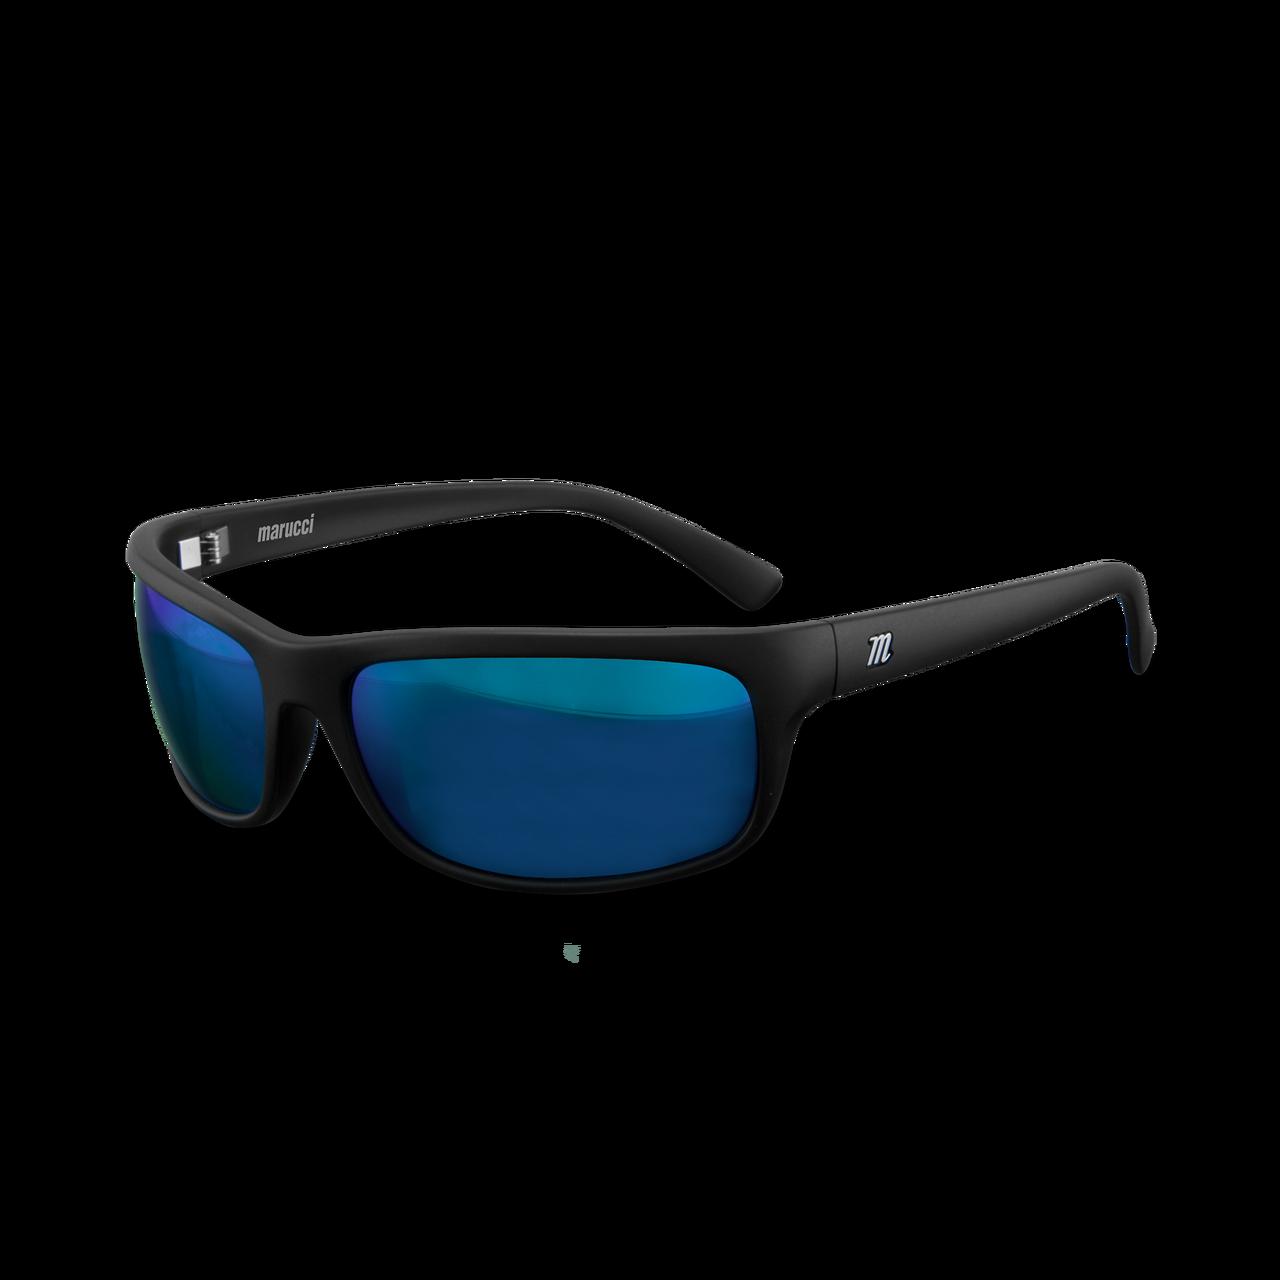 gancio lifestyle sunglasses marucci sports